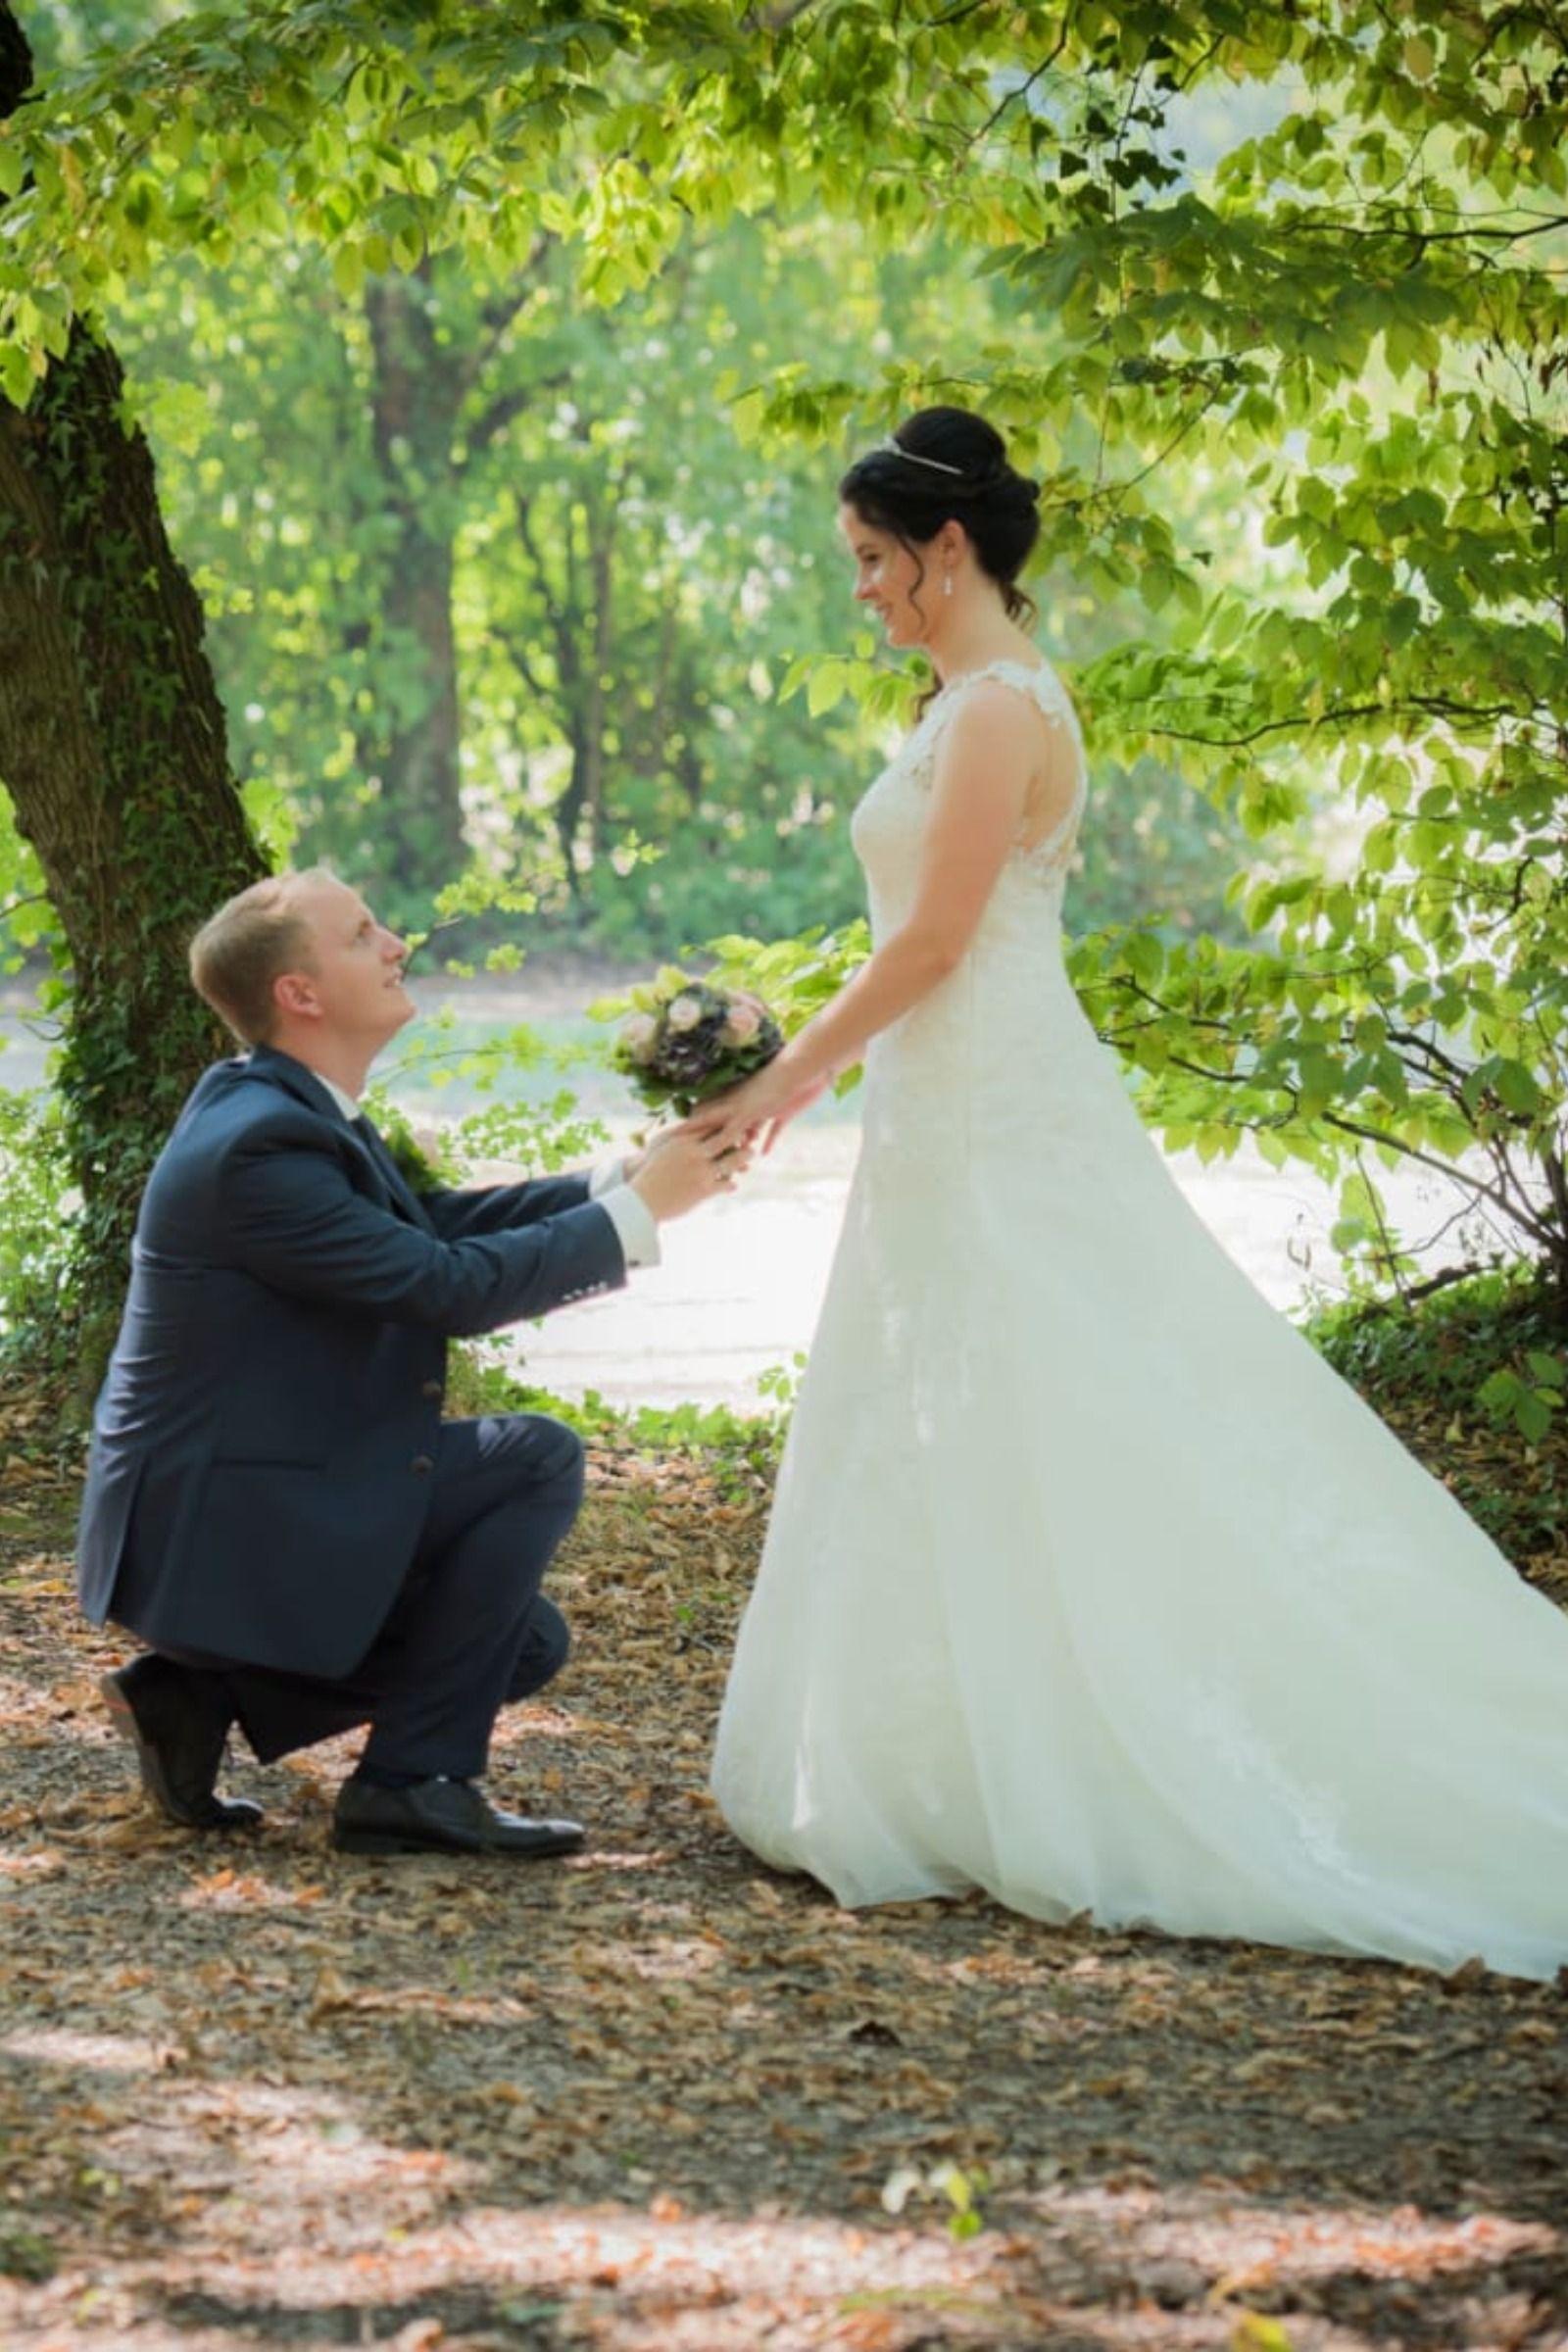 Svenja Und Benjamin Hochzeitstag Ideen Hochzeitstag 1 Hochzeitstag